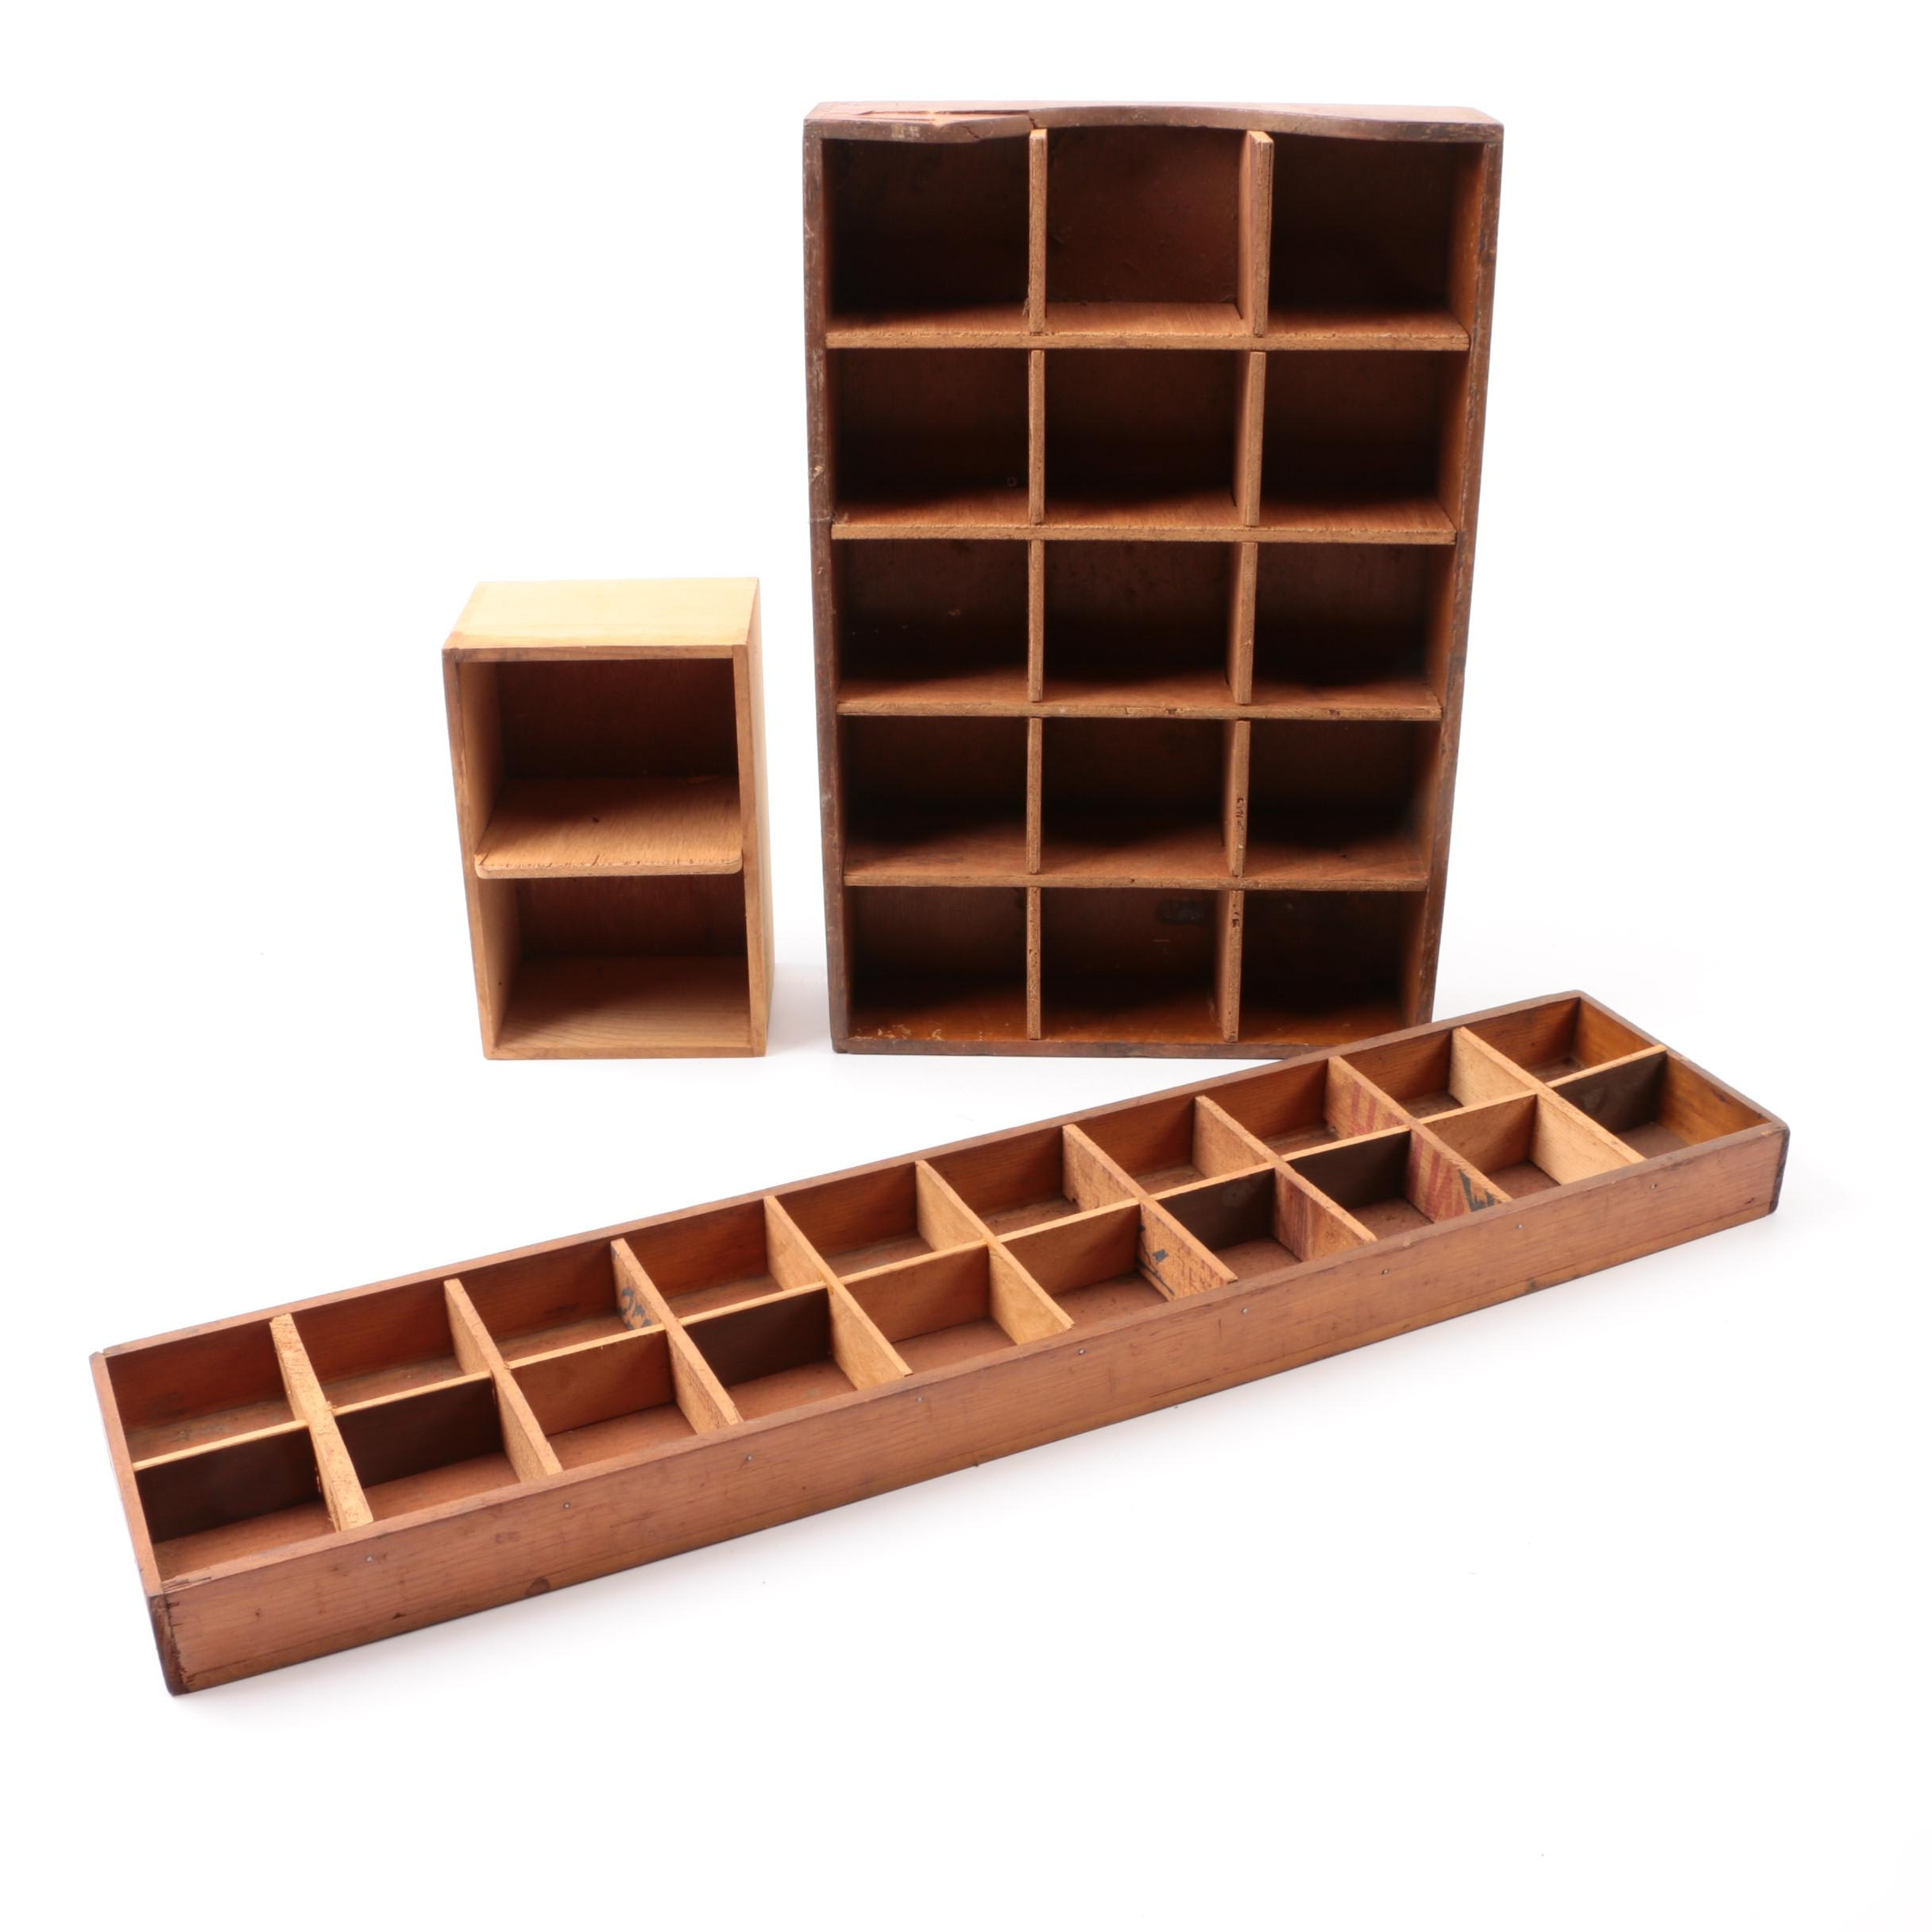 Vintage Wood Display Shelves